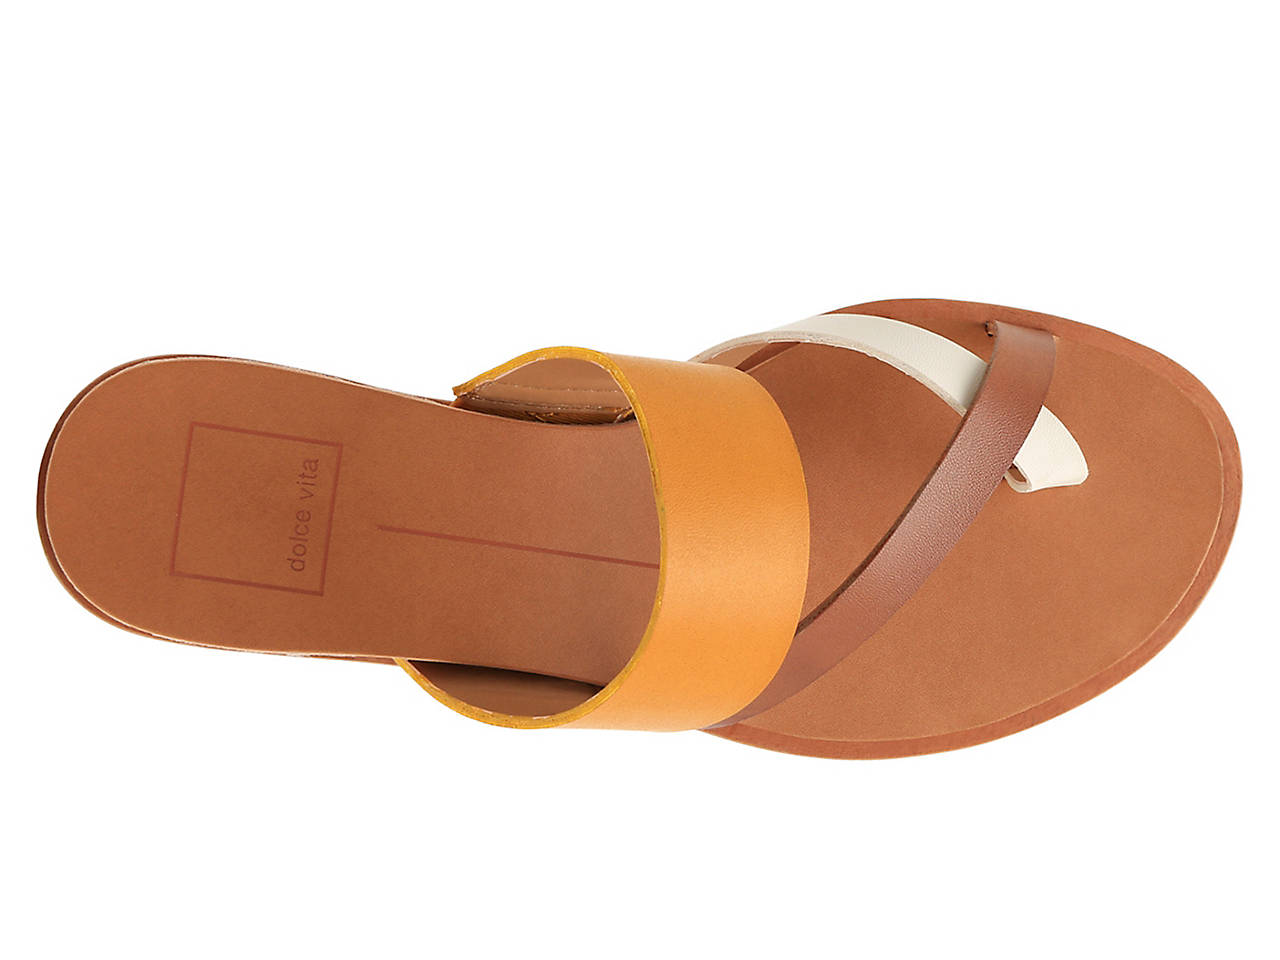 510e60a37e Dolce Vita Paddy Sandal Women's Shoes | DSW